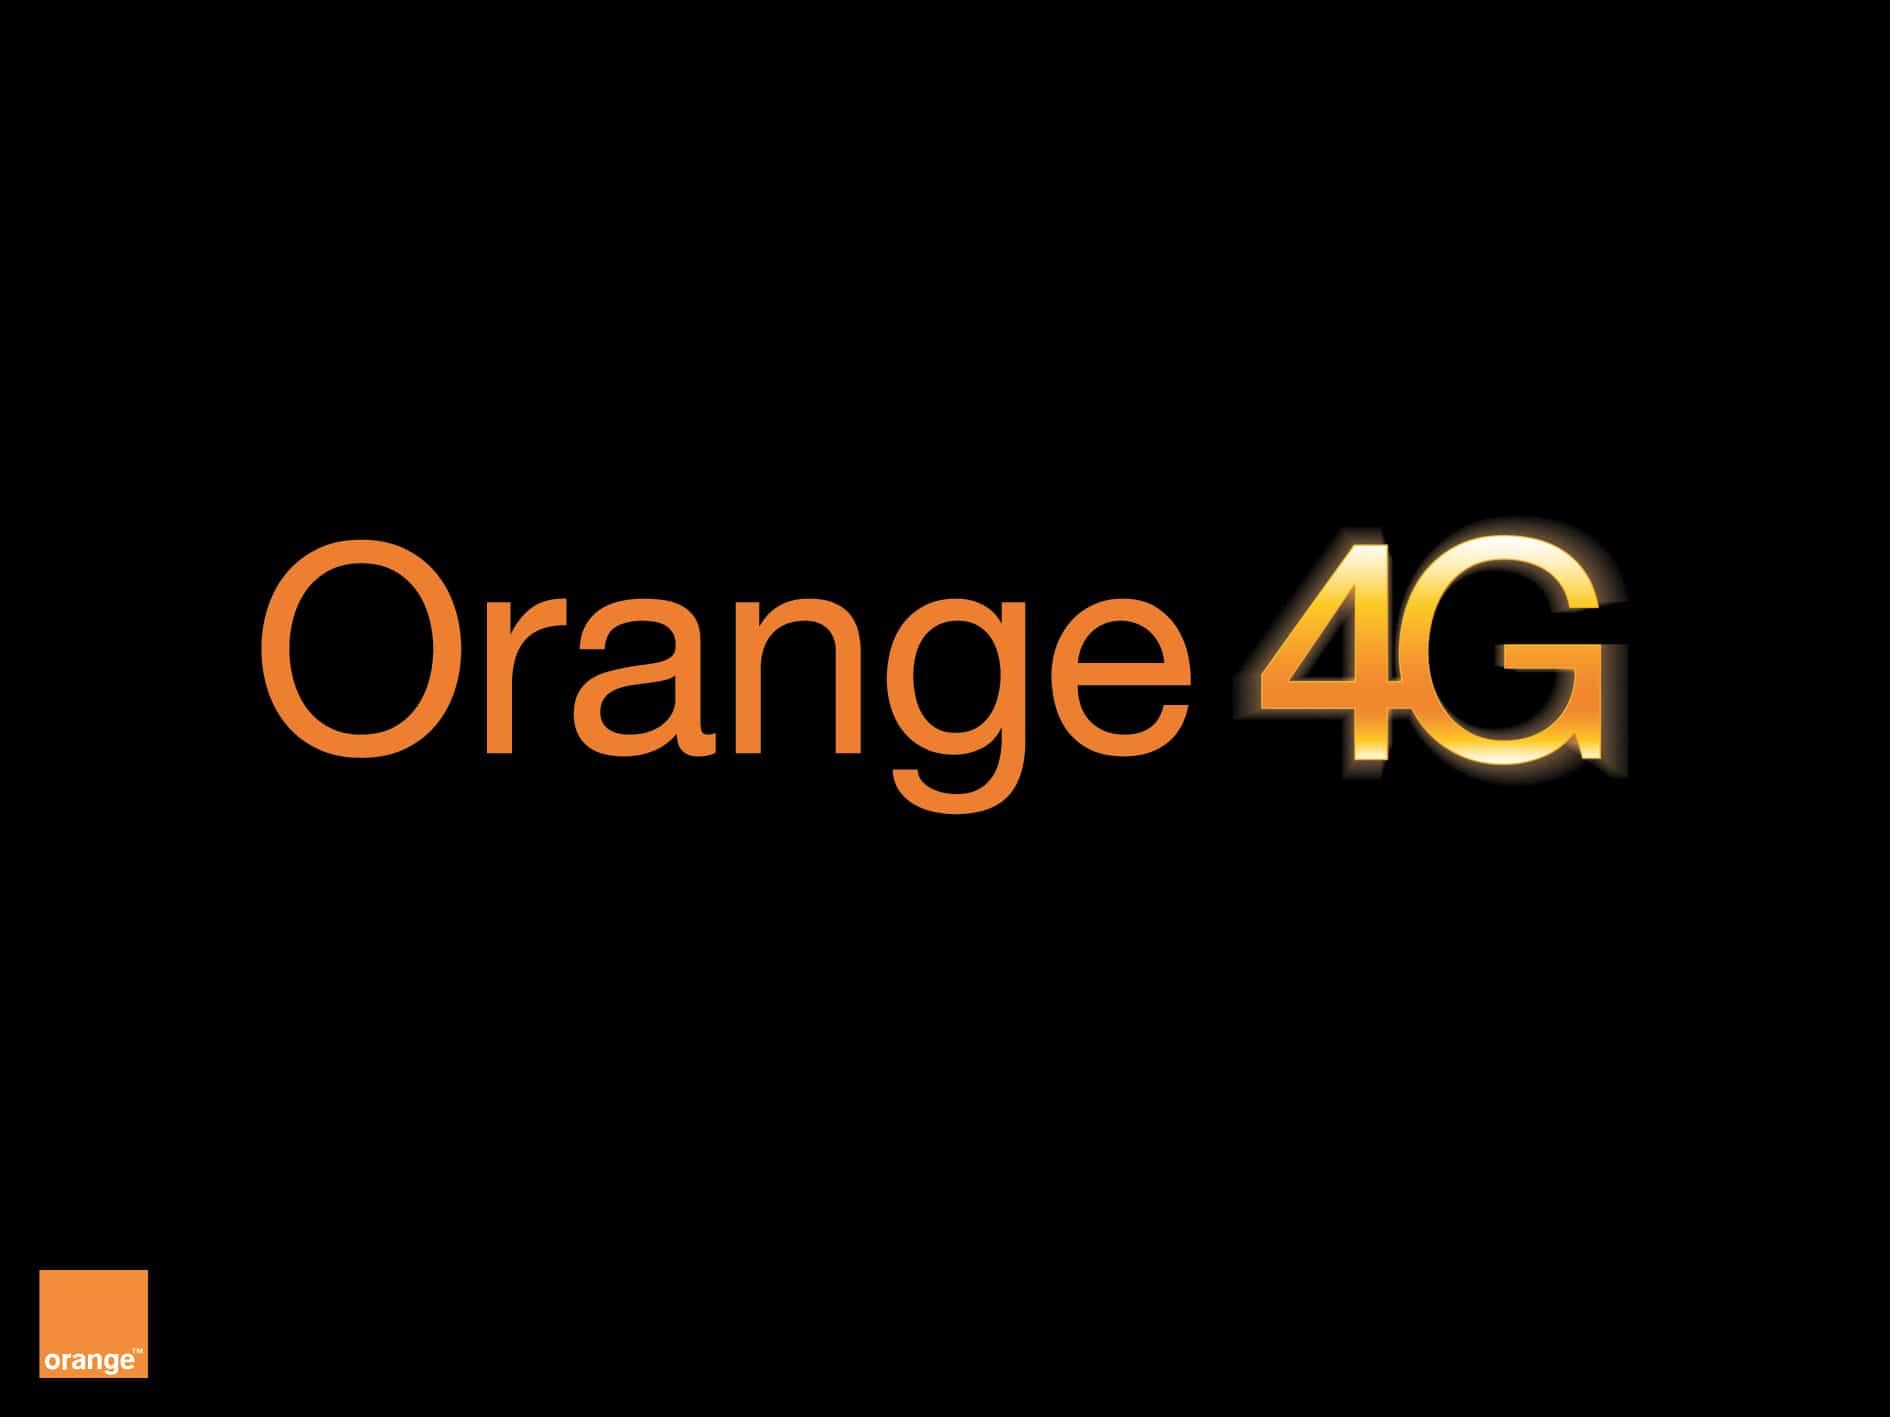 abonnés 4G Orange pour l'année 2016